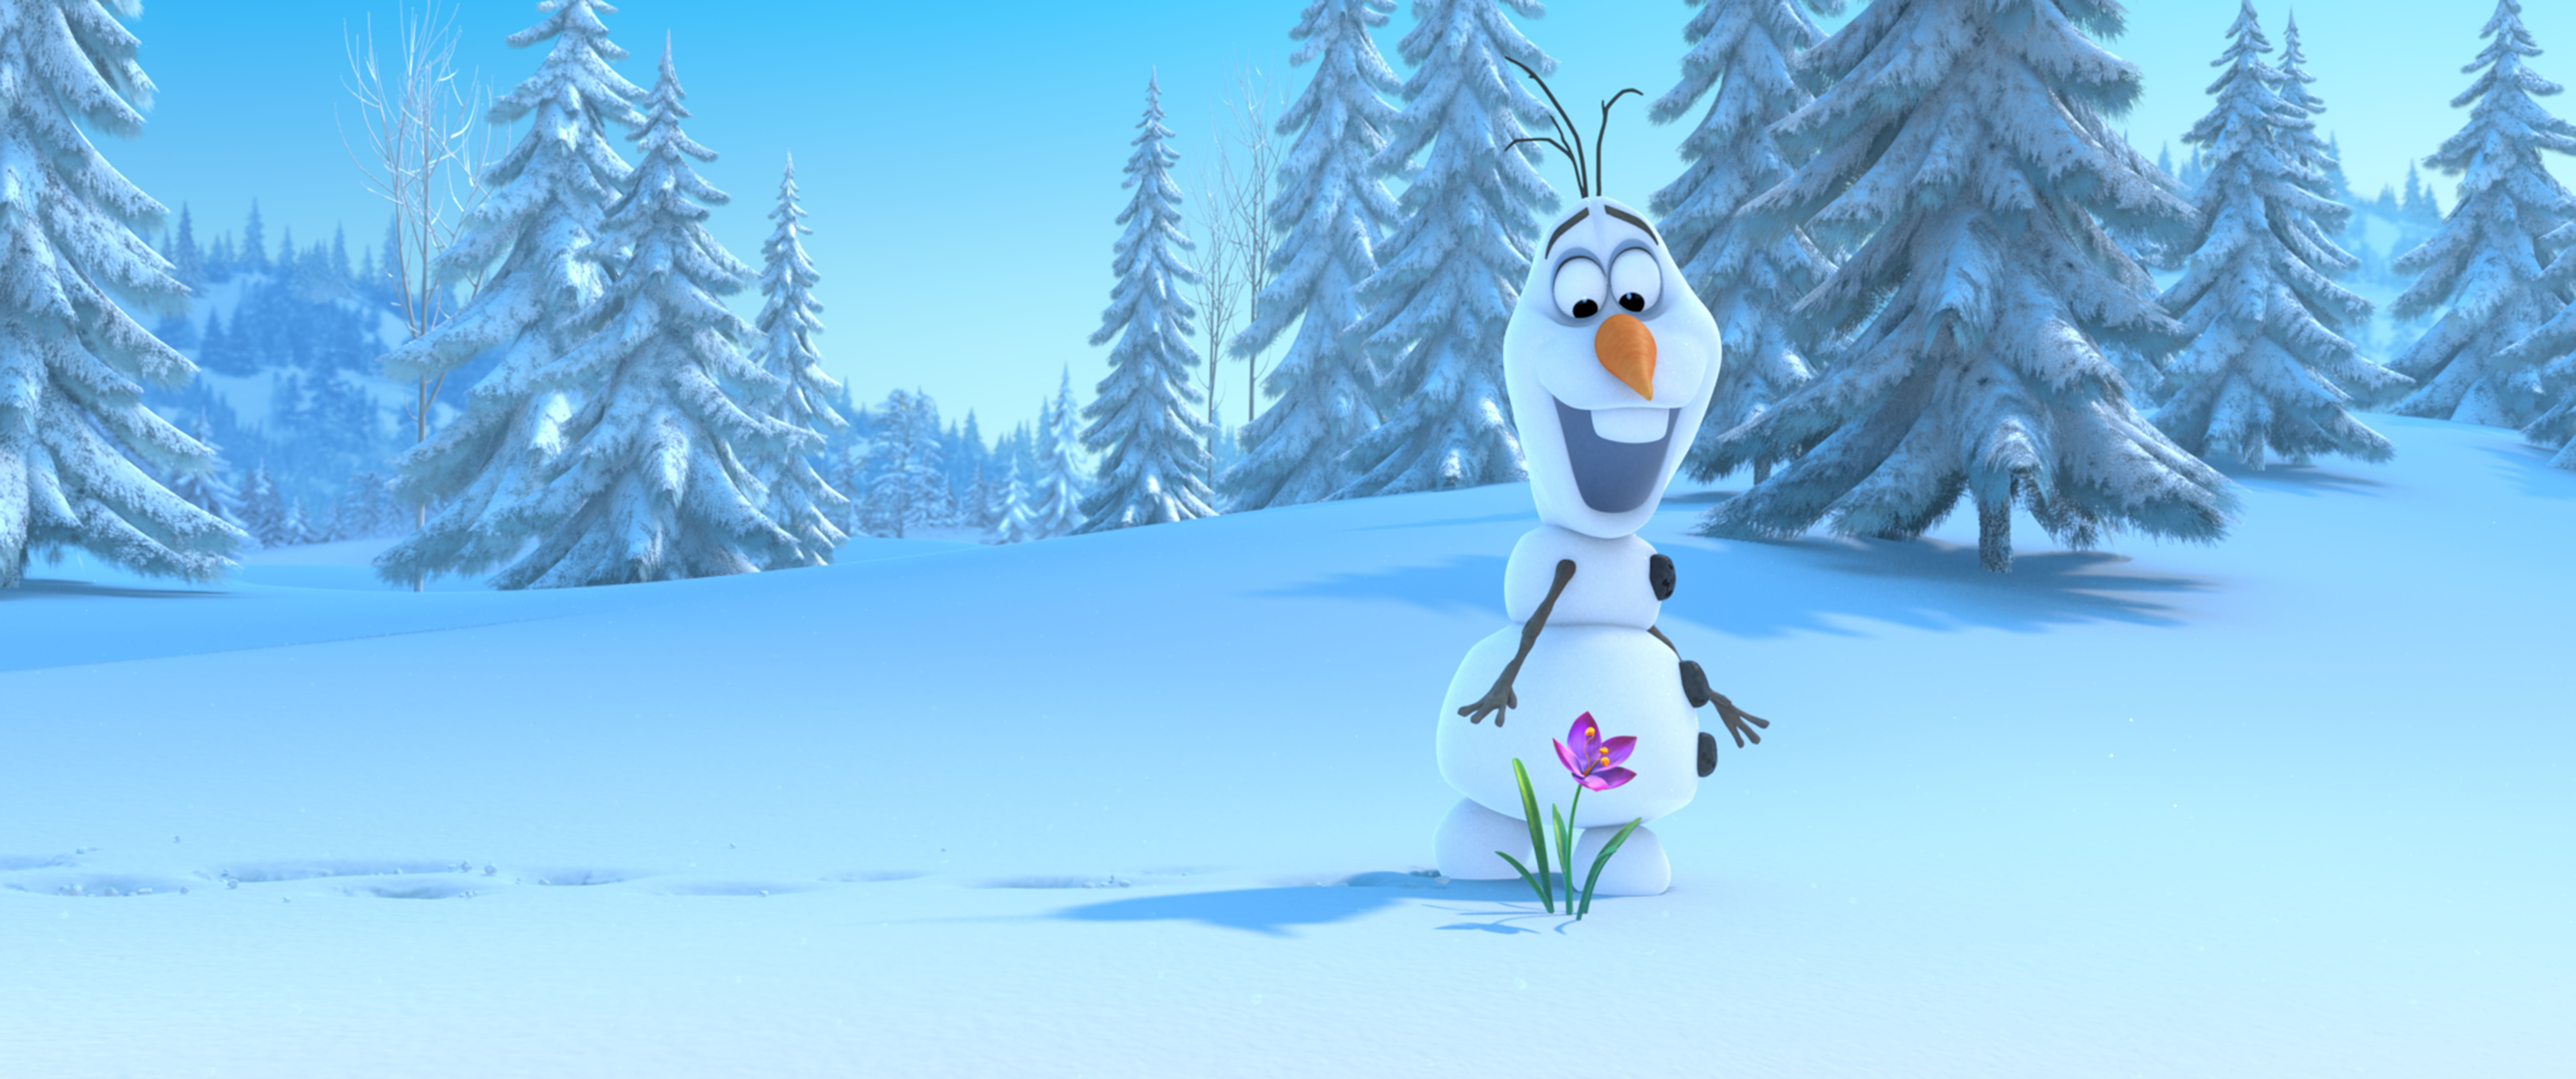 Disney's Frozen Teaser Trailer! (Avec Images) | Image destiné Le Dessin Animé De La Reine Des Neiges